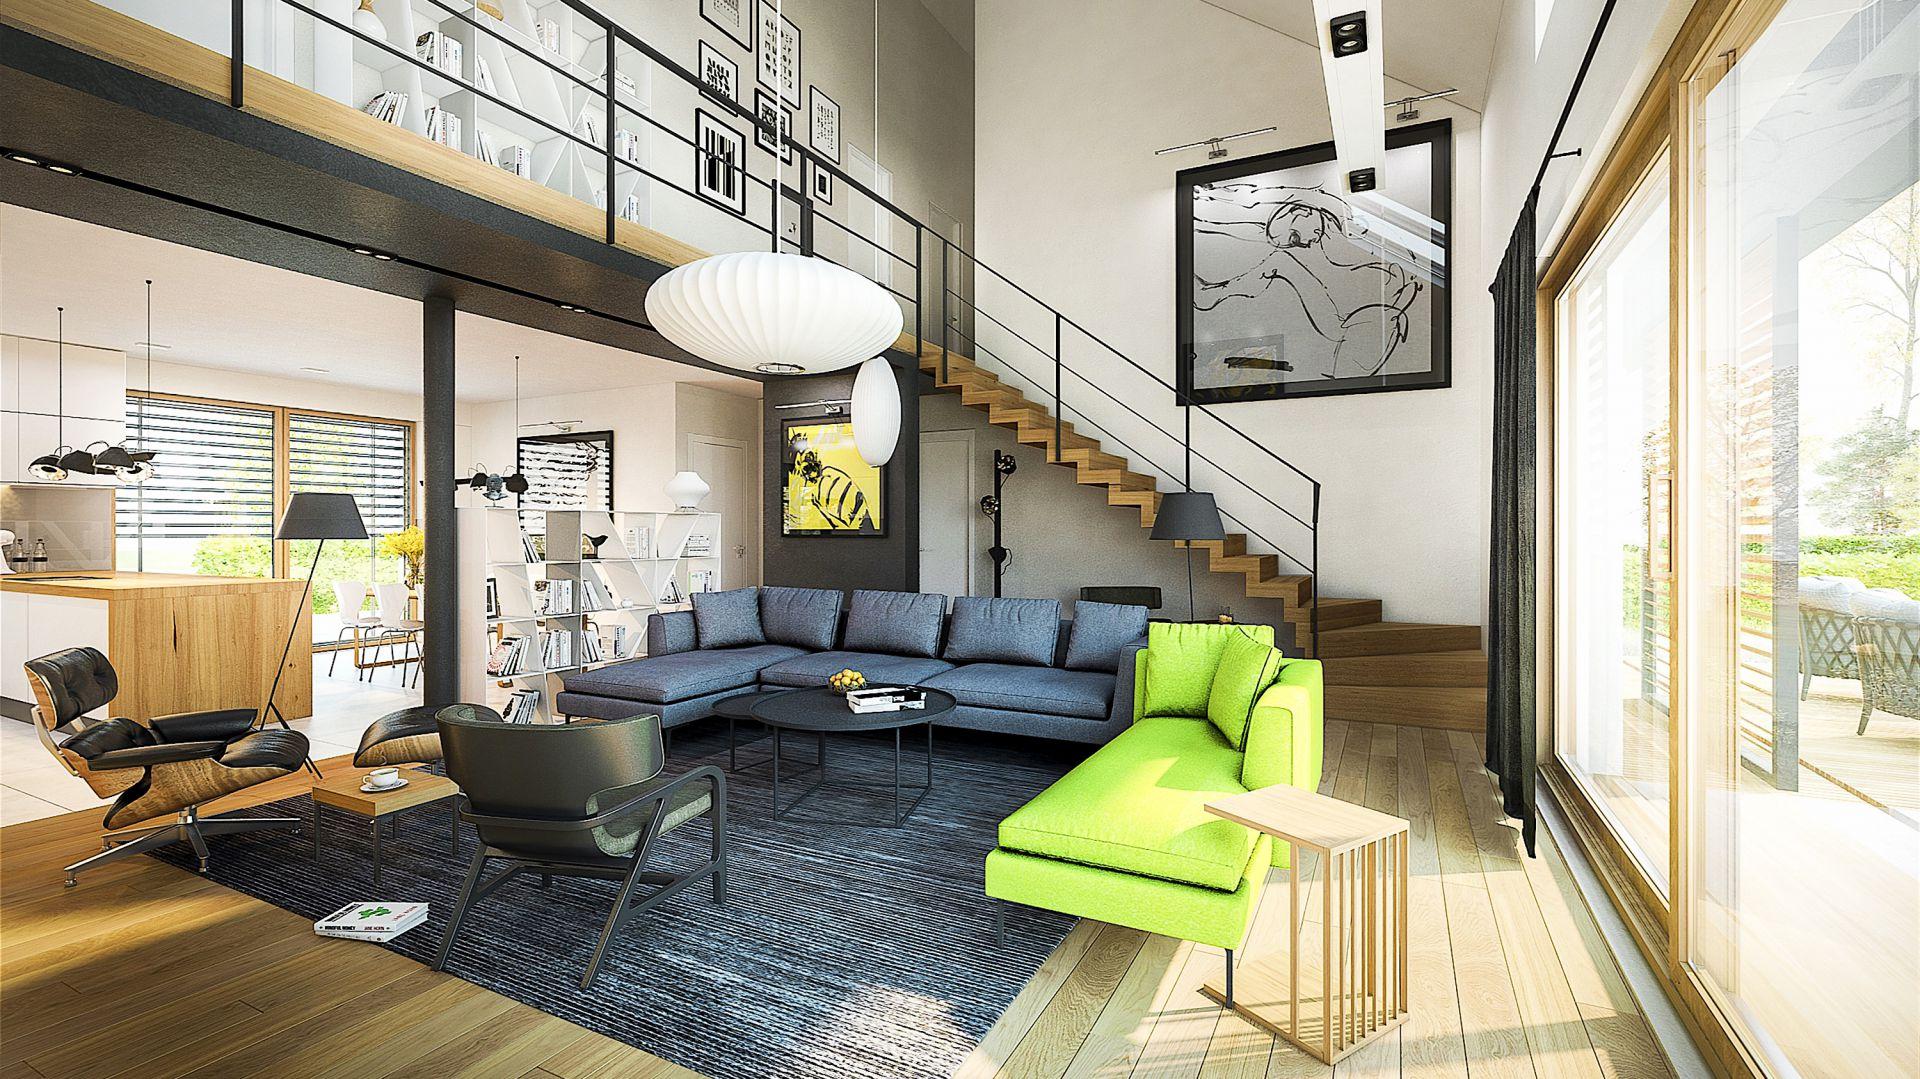 Sercem projektu EX 18 G2 Energo Plus jest otwarty, dwukondygnacyjny salon oferujący domownikom luksus przestrzeni i wspaniały widok na ogród. Dom EX 18 G2 Energo Plus. Projekt: arch. Artur Wójciak. Fot. Pracownia Projektowa Archipelag